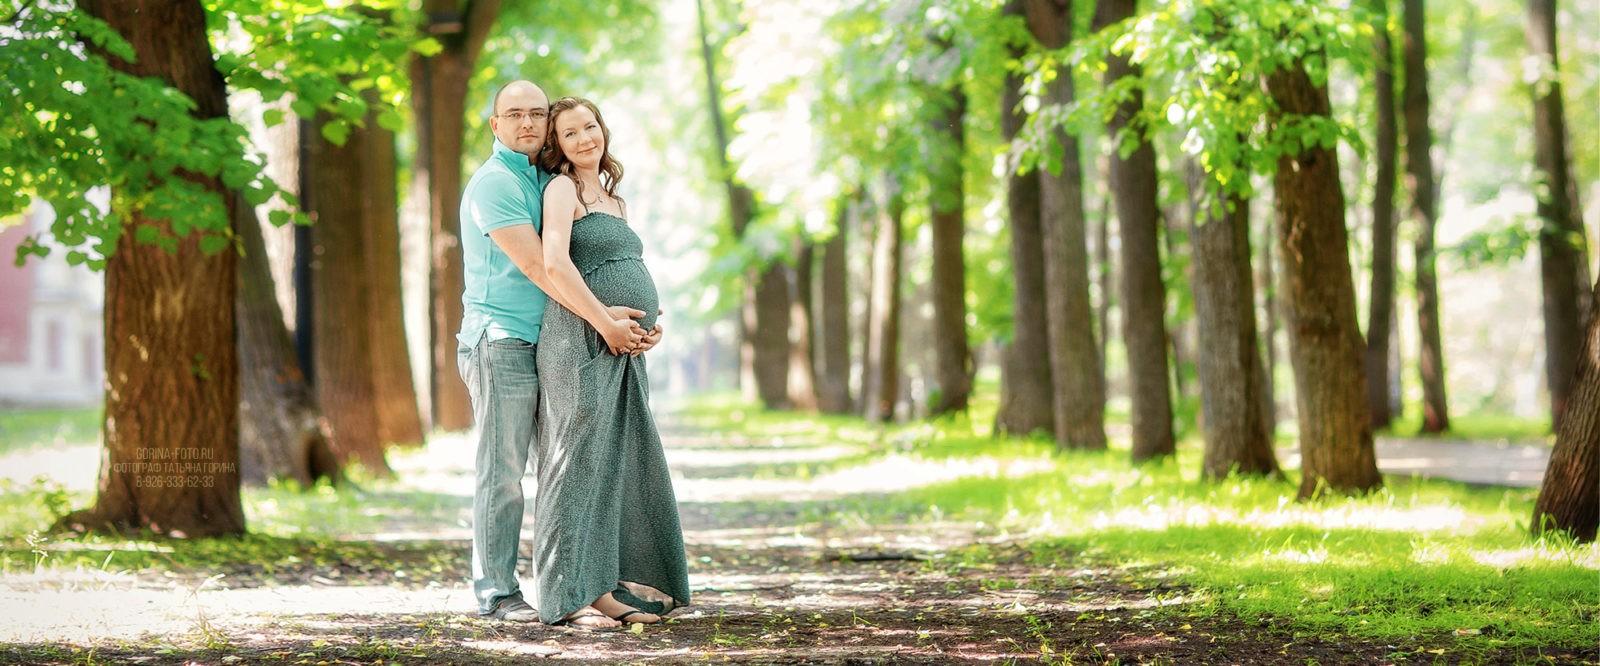 Семейная фотосессия беременности. Фотограф Татьяна Горина.